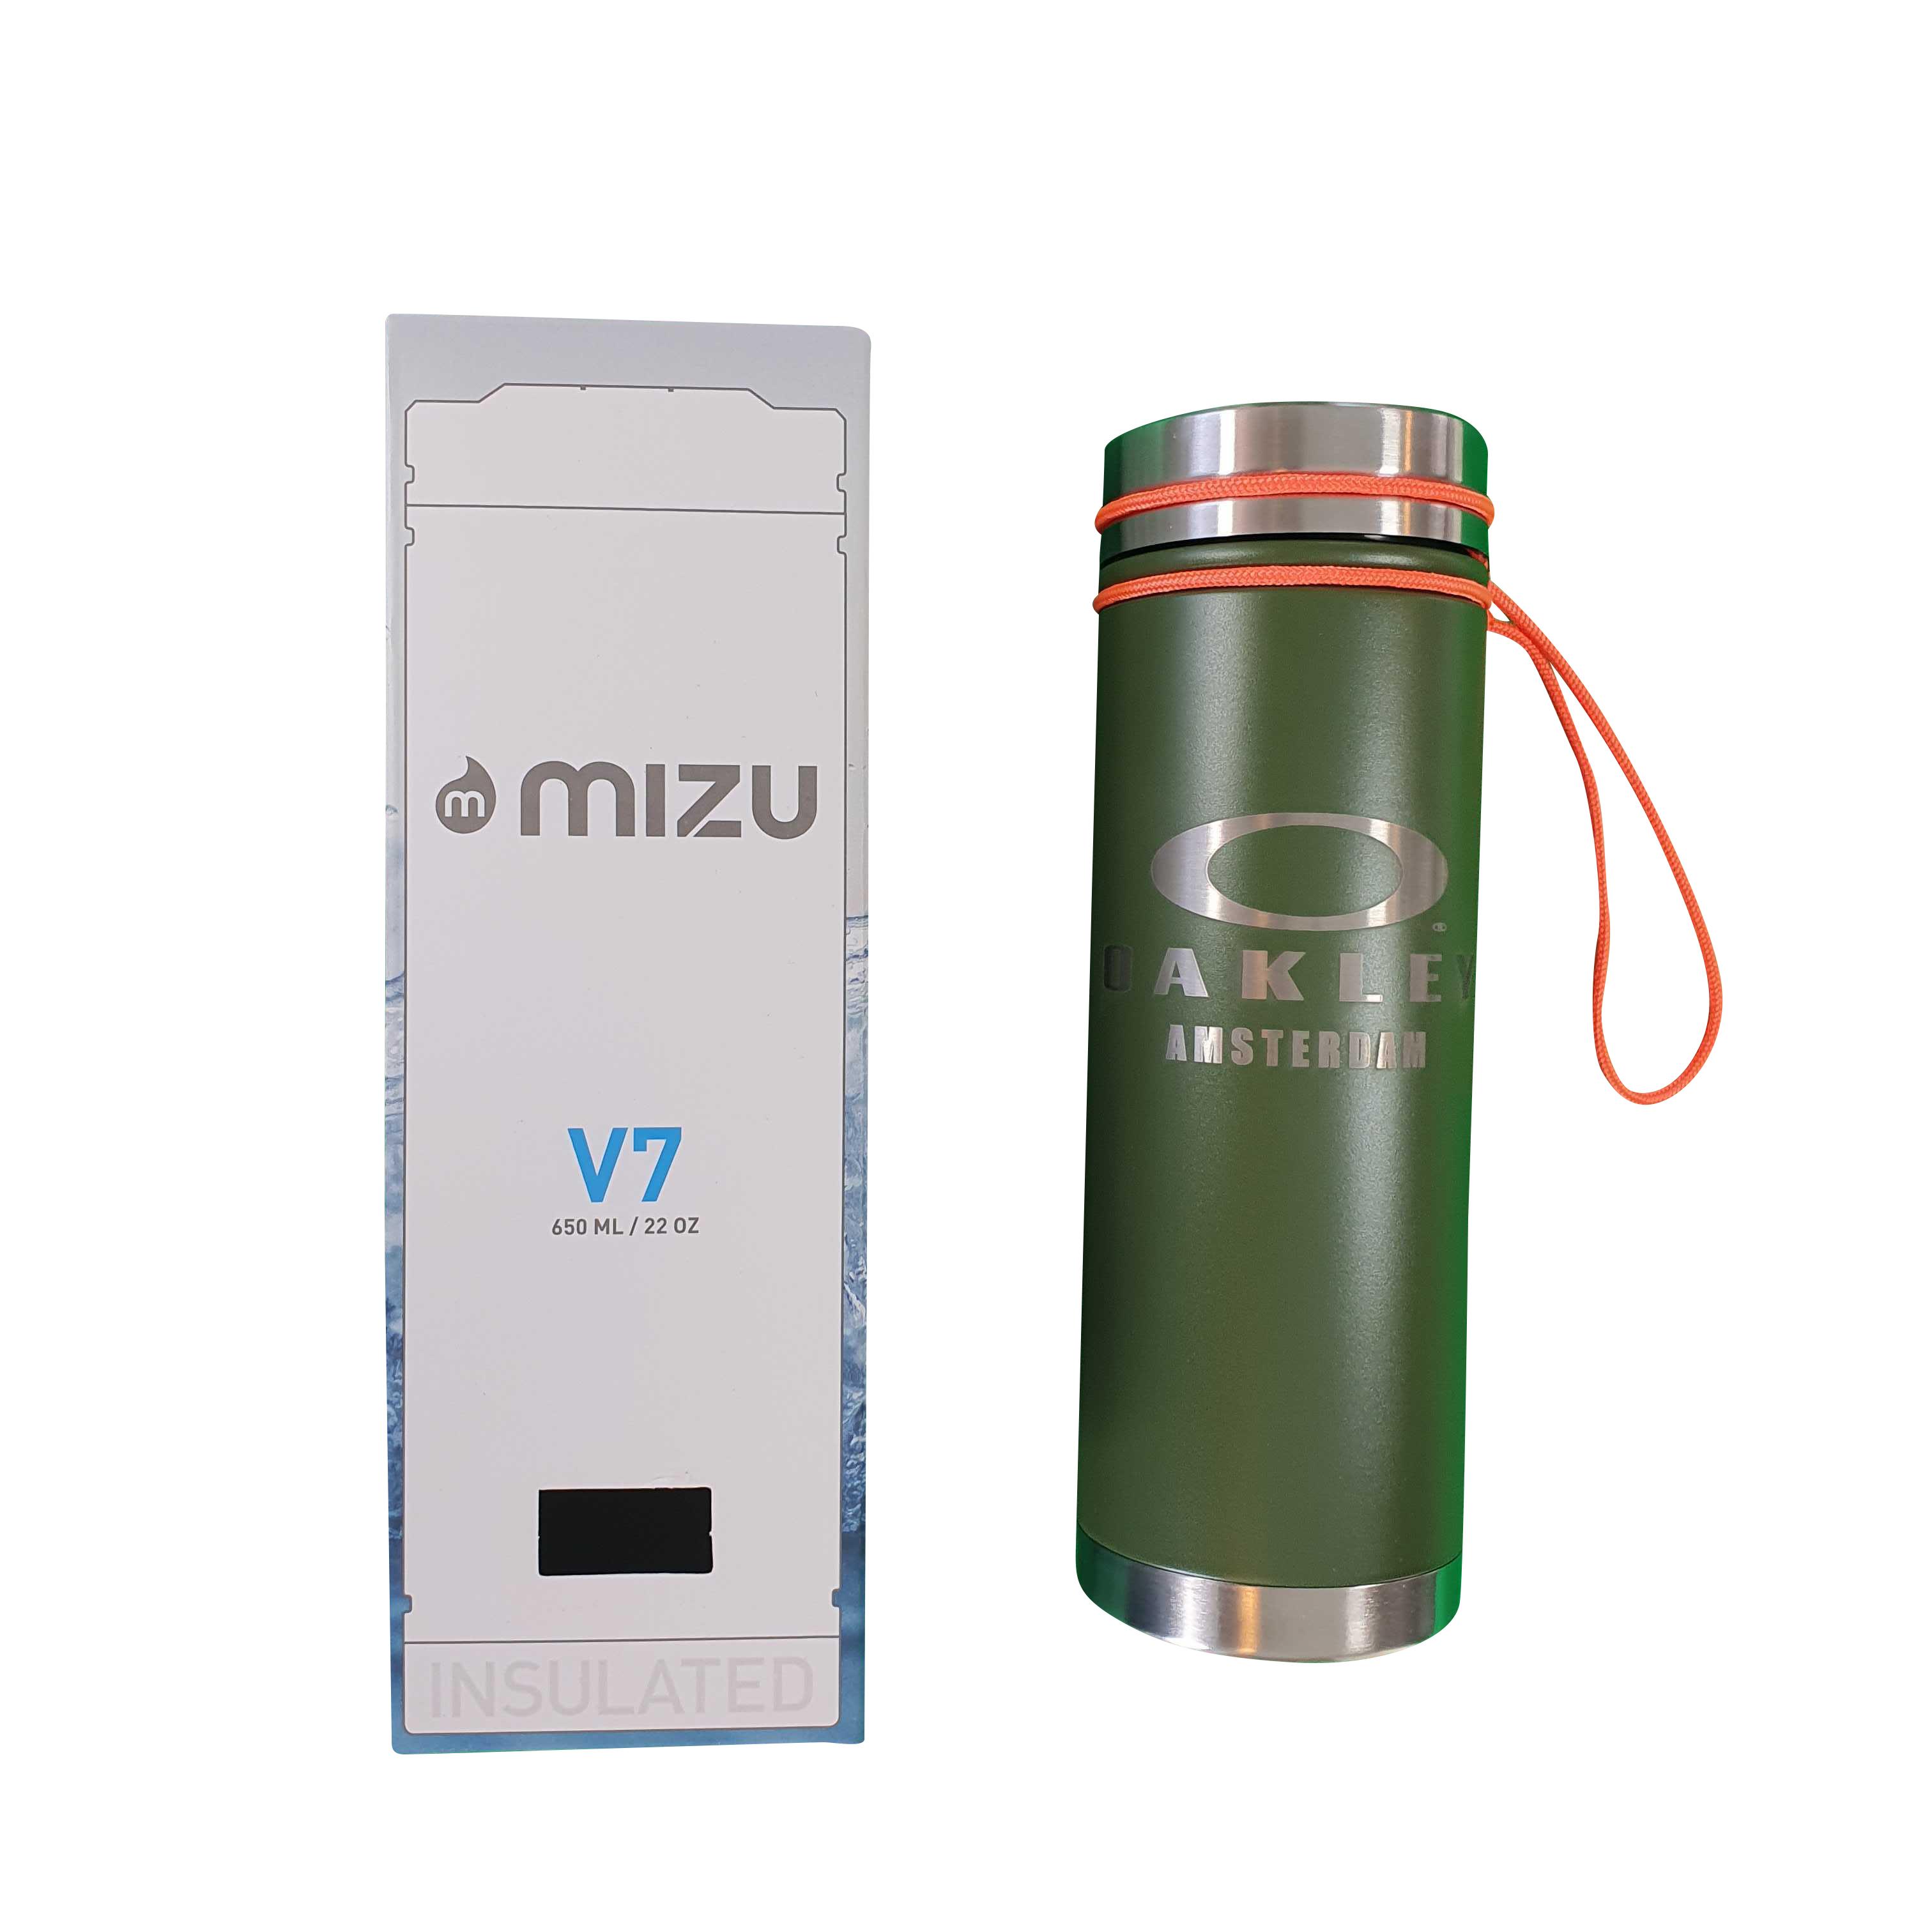 MIZU V7 X OAKLEY AMSTERDAM - GREEN